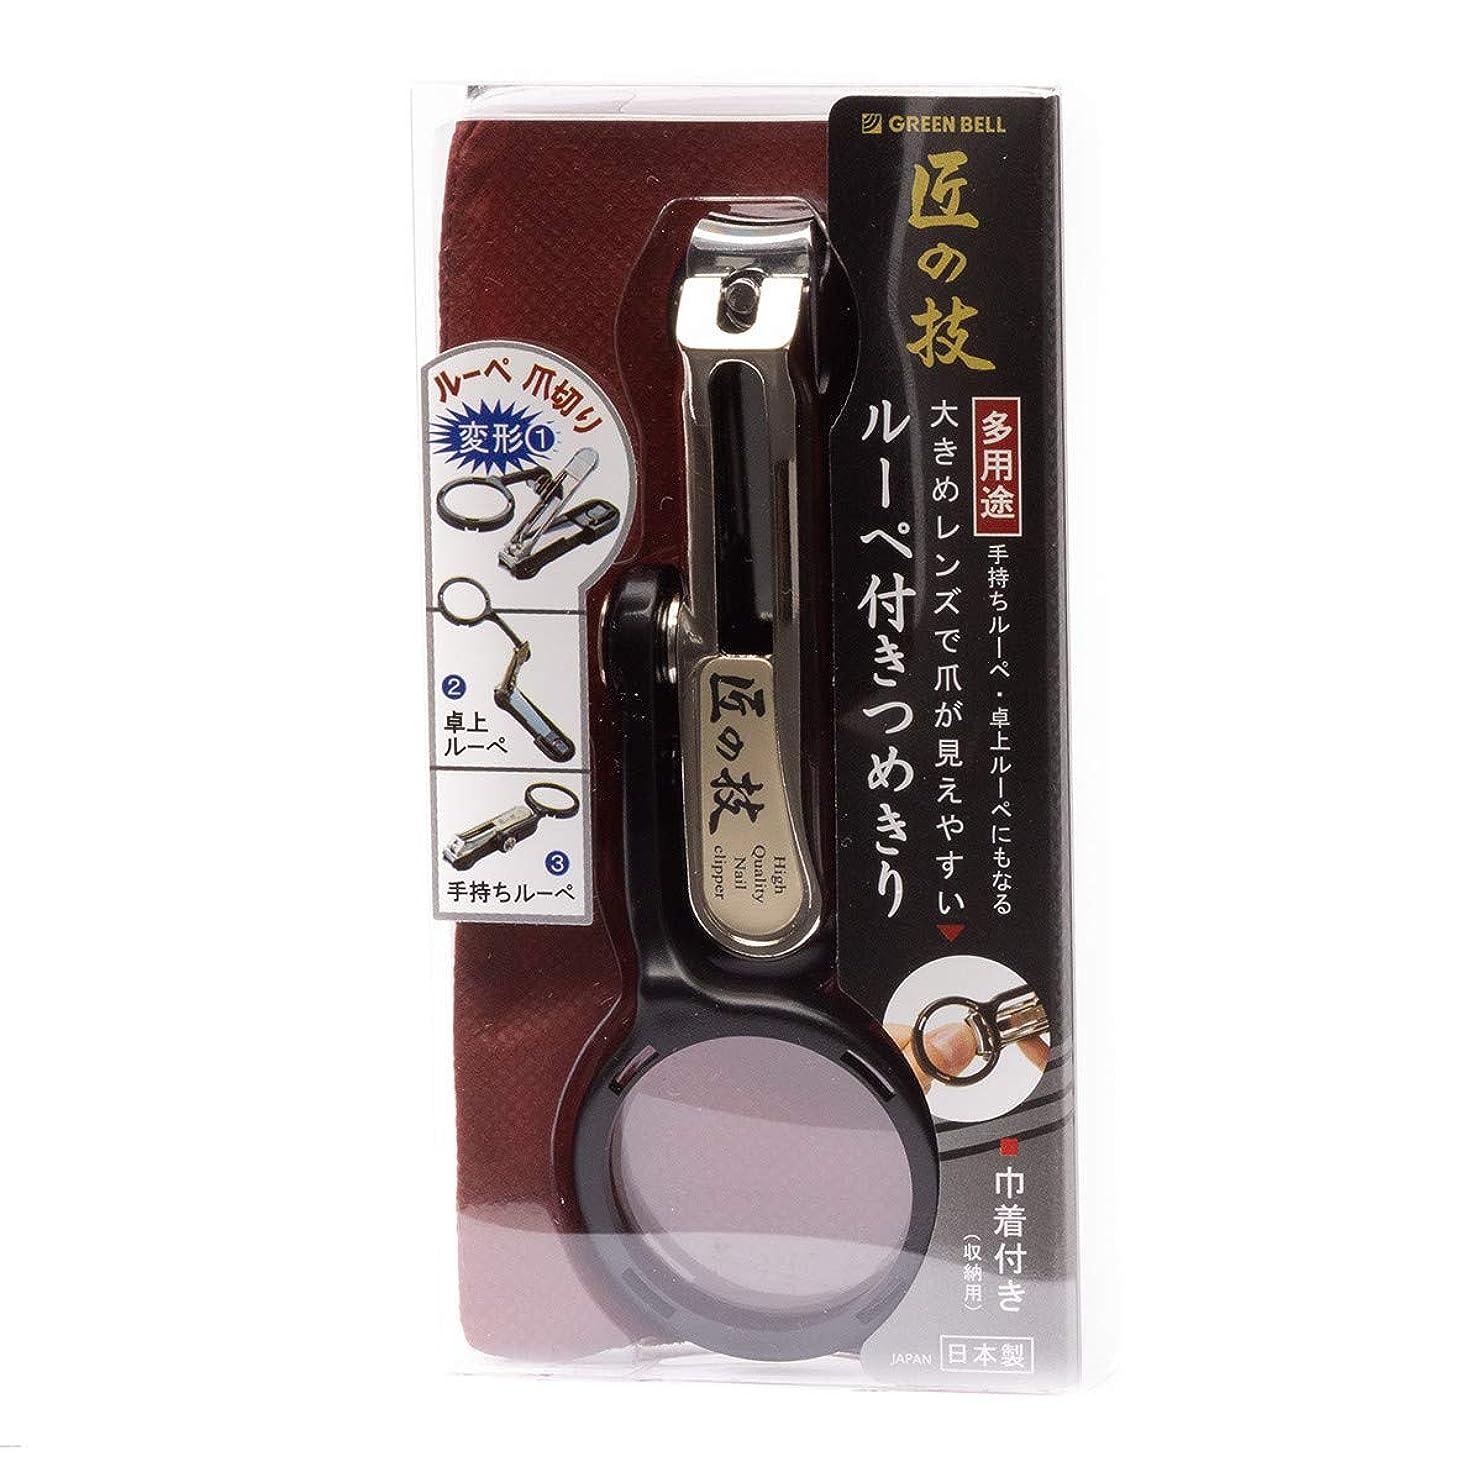 スタッフマウスピース四半期MIDI-ミディ 匠の技 ルーペ付き つめきり 黒 メガネ拭き セット (p-880123,p-k0055)